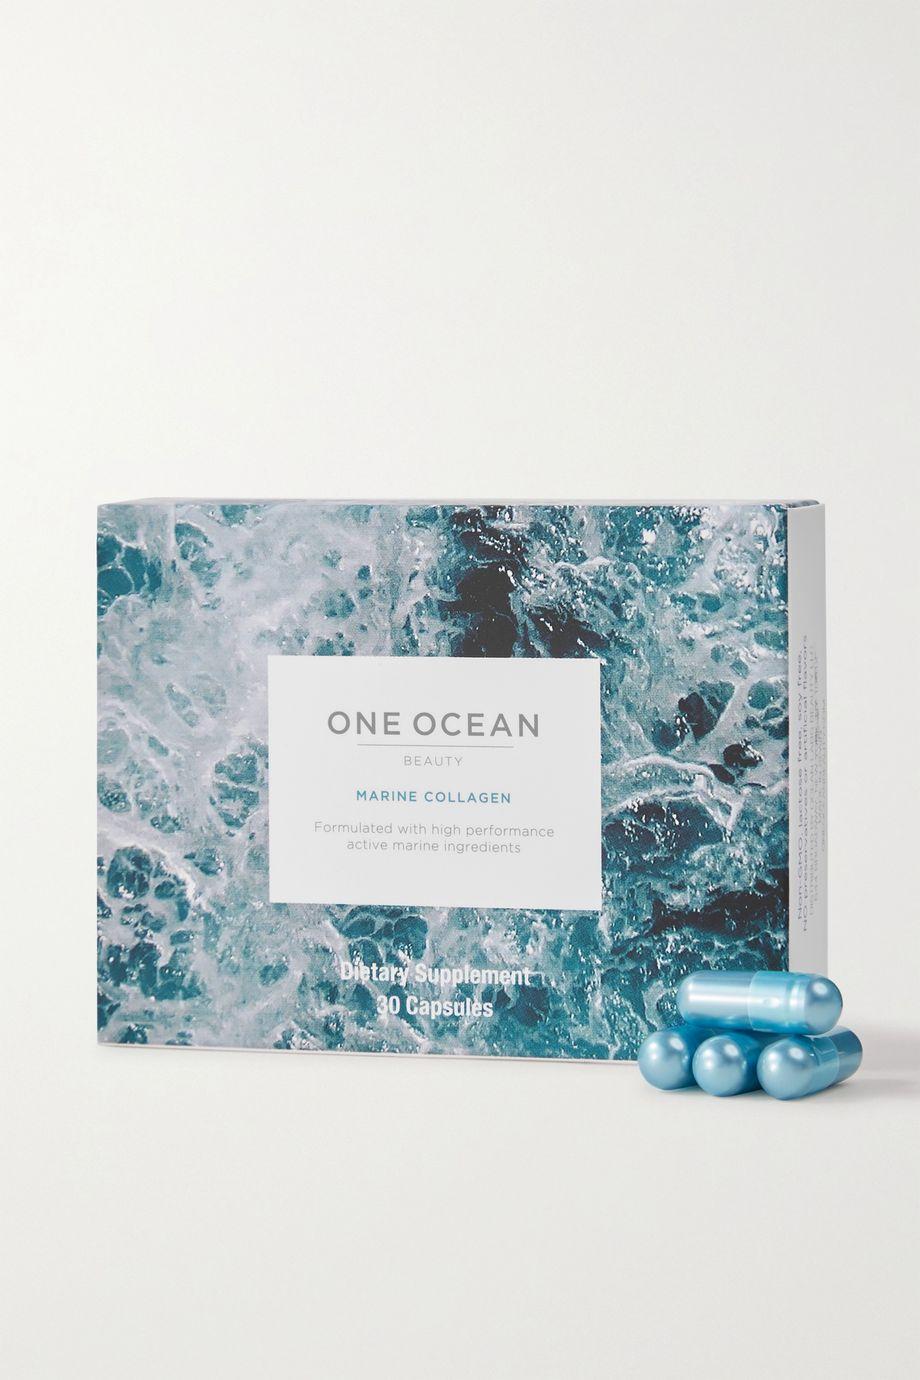 One Ocean Beauty Marine Collagen Supplement (30 capsules)